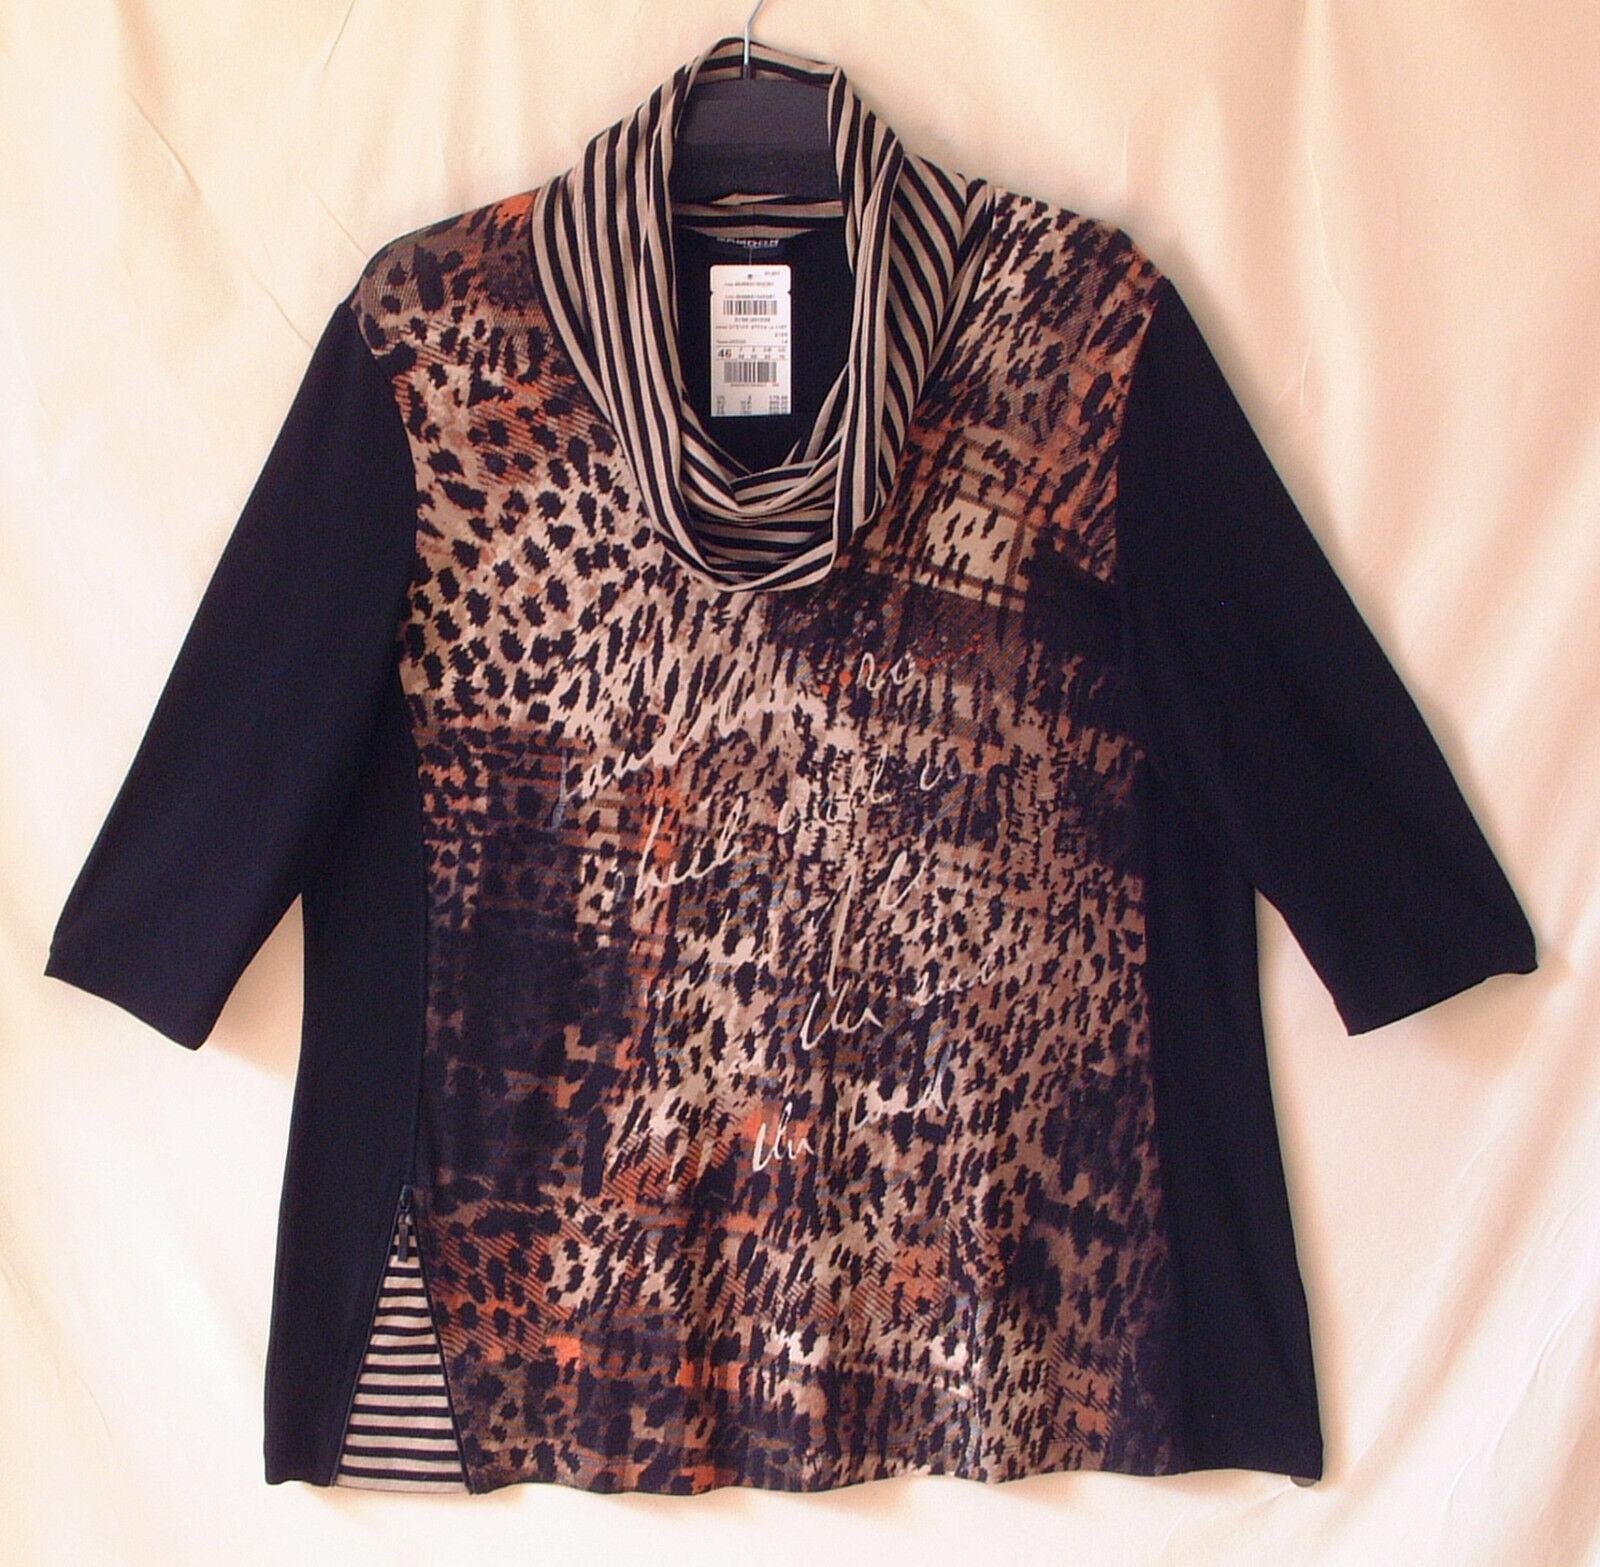 Samoon Shirt by Gerry Weber Longshirt Jersey Stretch Longstyle Neu Damen Gr.52